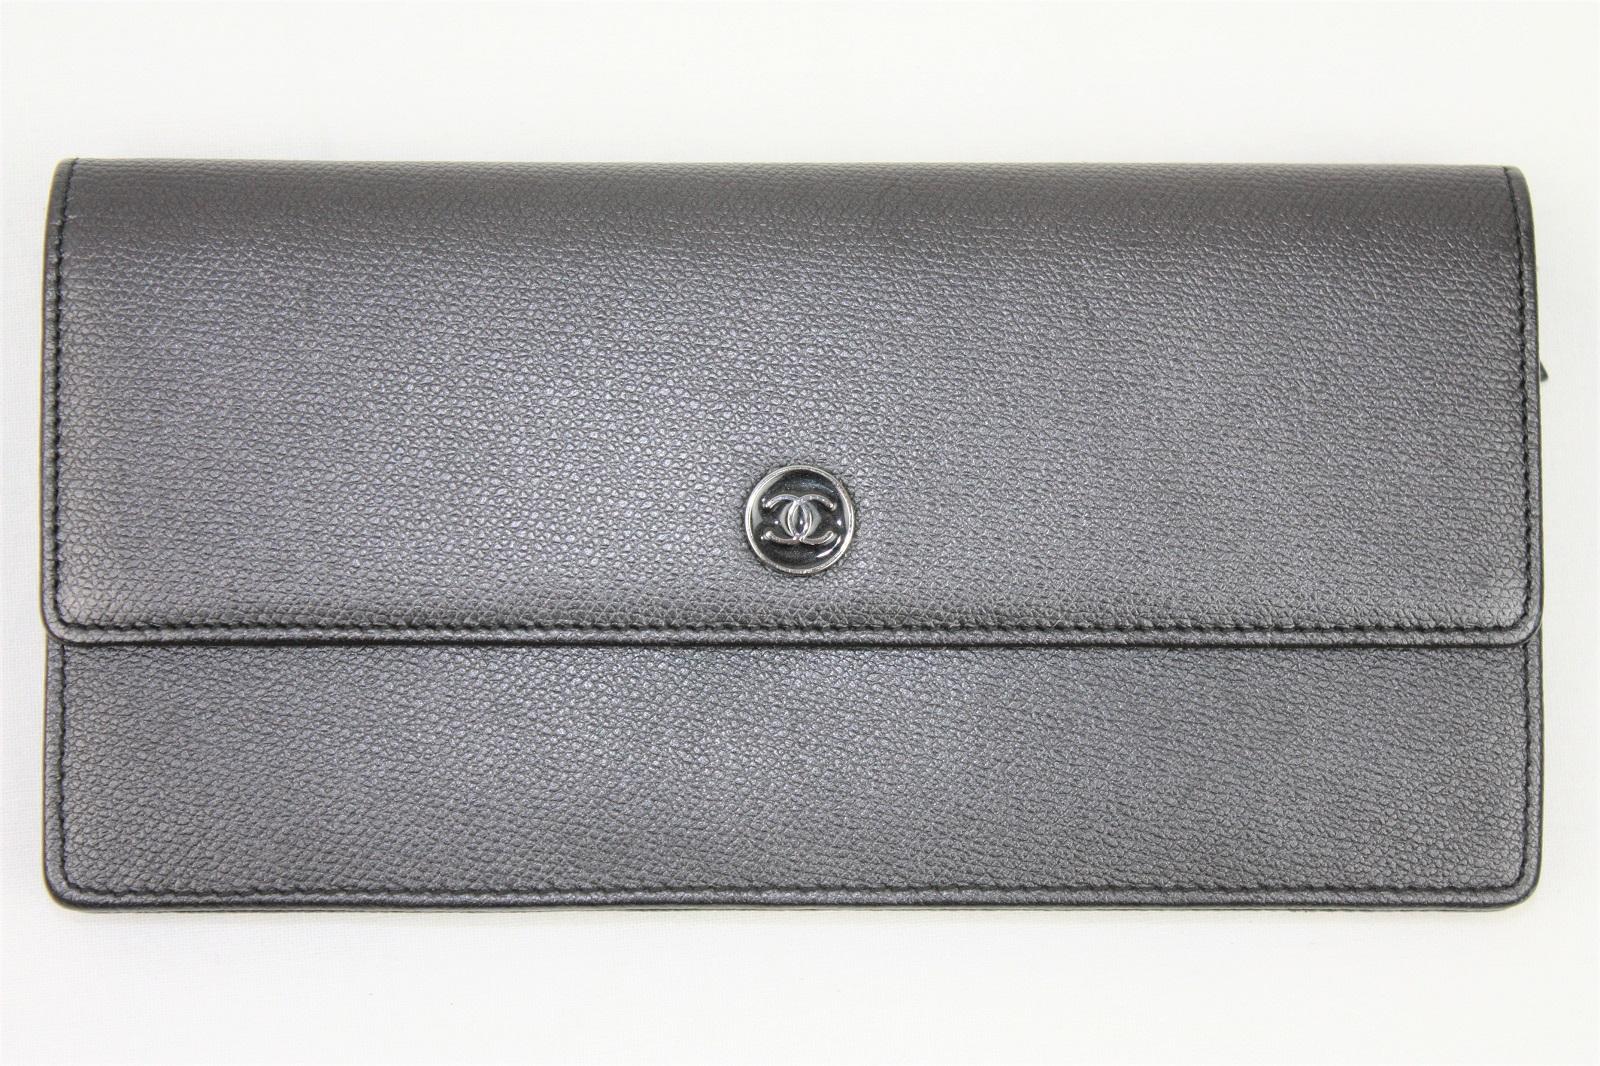 【珍しい☆】CHANEL シャネル長財布 二つ折り ボタンココボタン セブルガライン グレー キャンバス【中古】